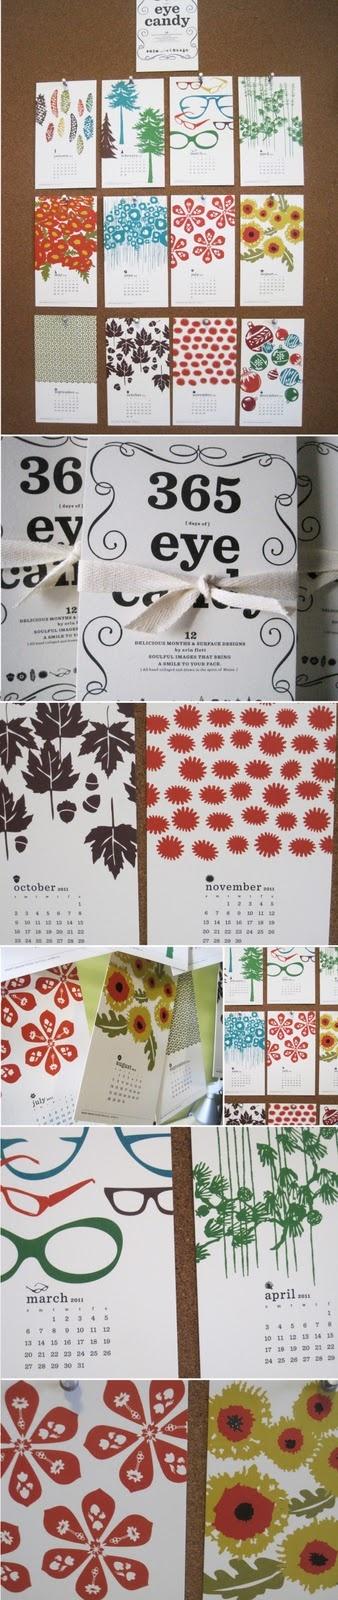 December | 2010 | Studio E Flett Design